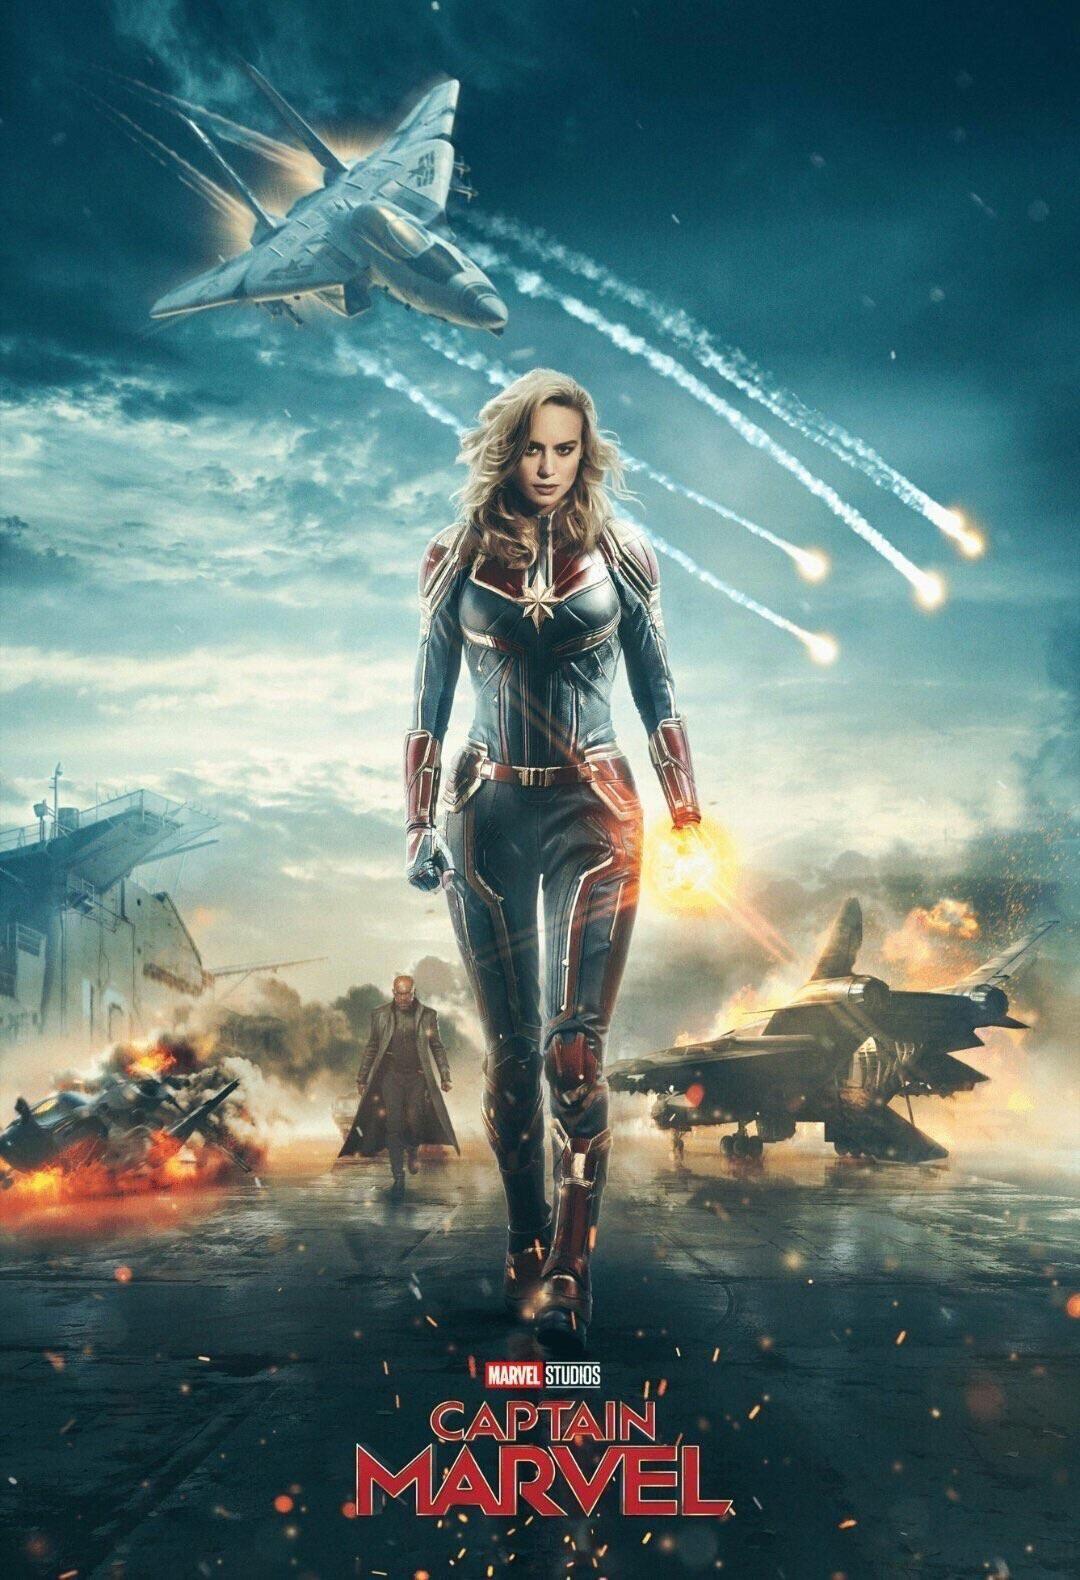 1 captain marvel movie poster 2019 new, avengers print, infinity war